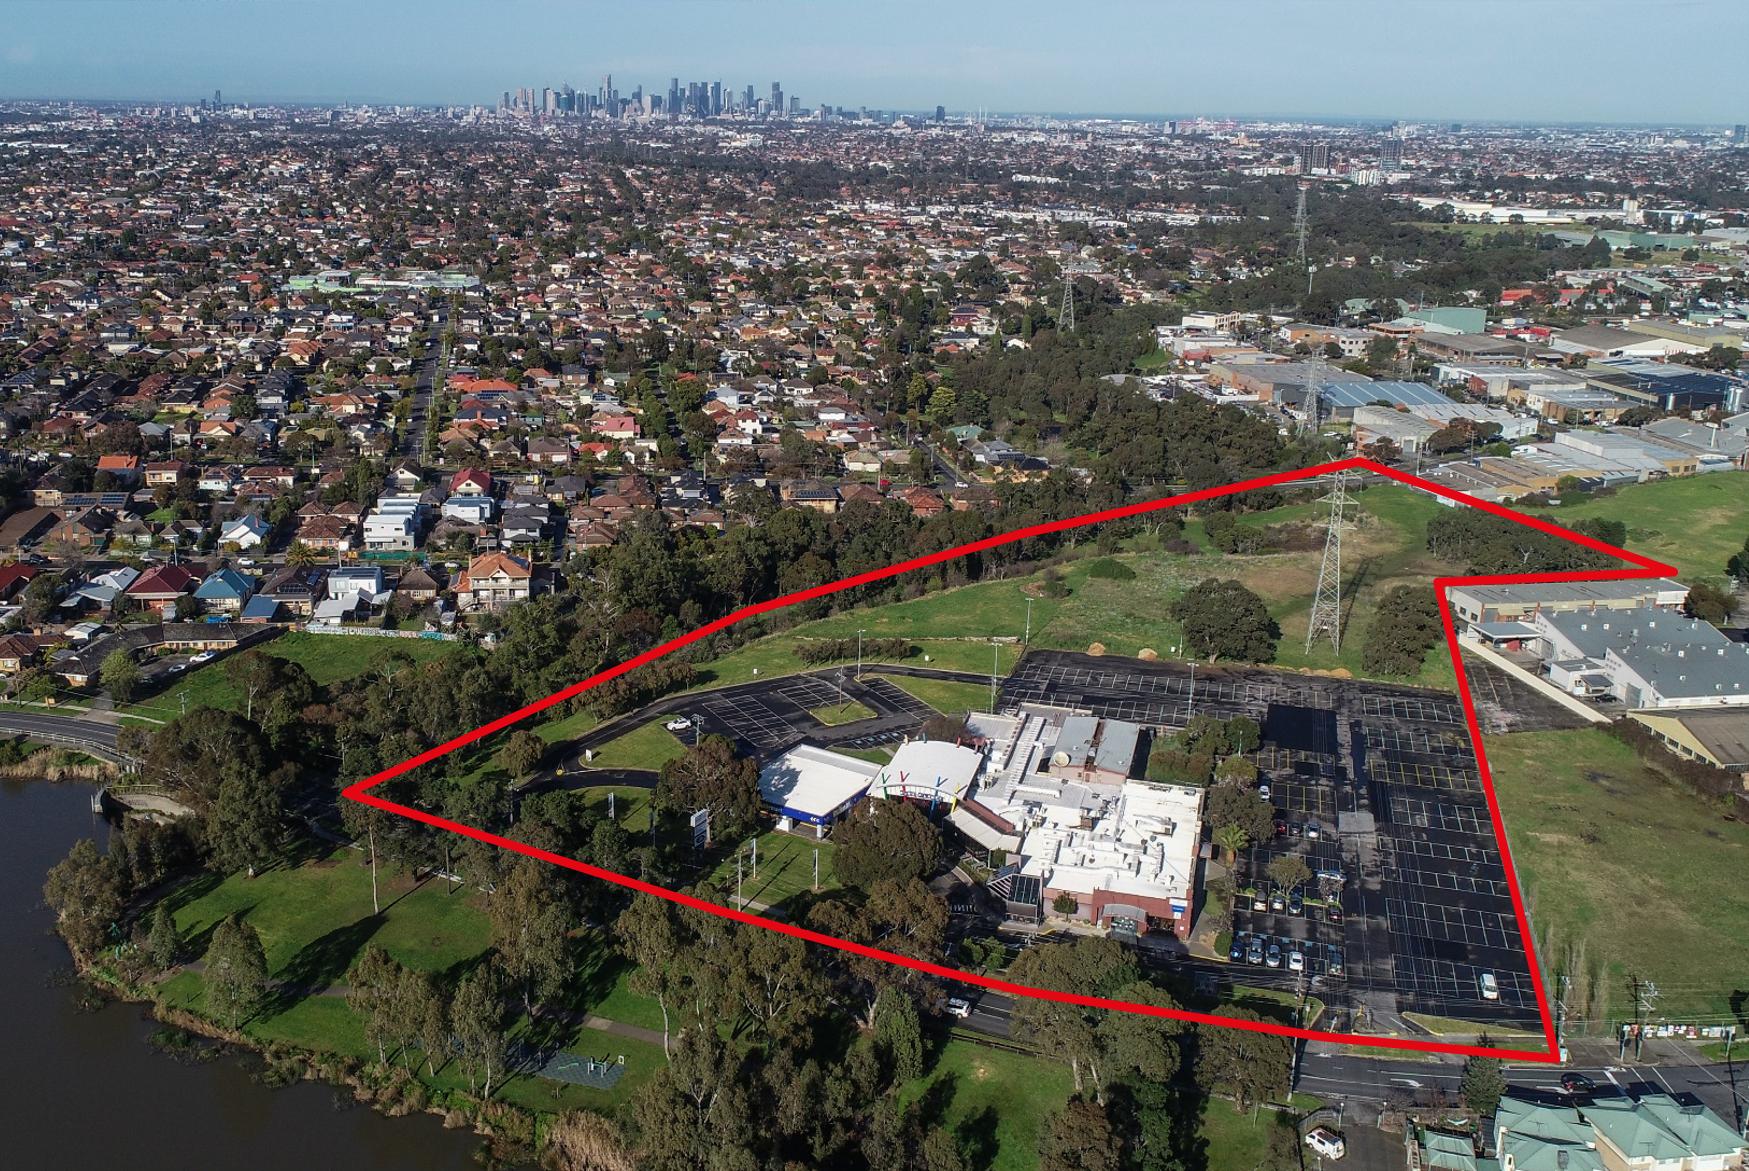 Edwardes Lake Hotel Aerial with Boundary